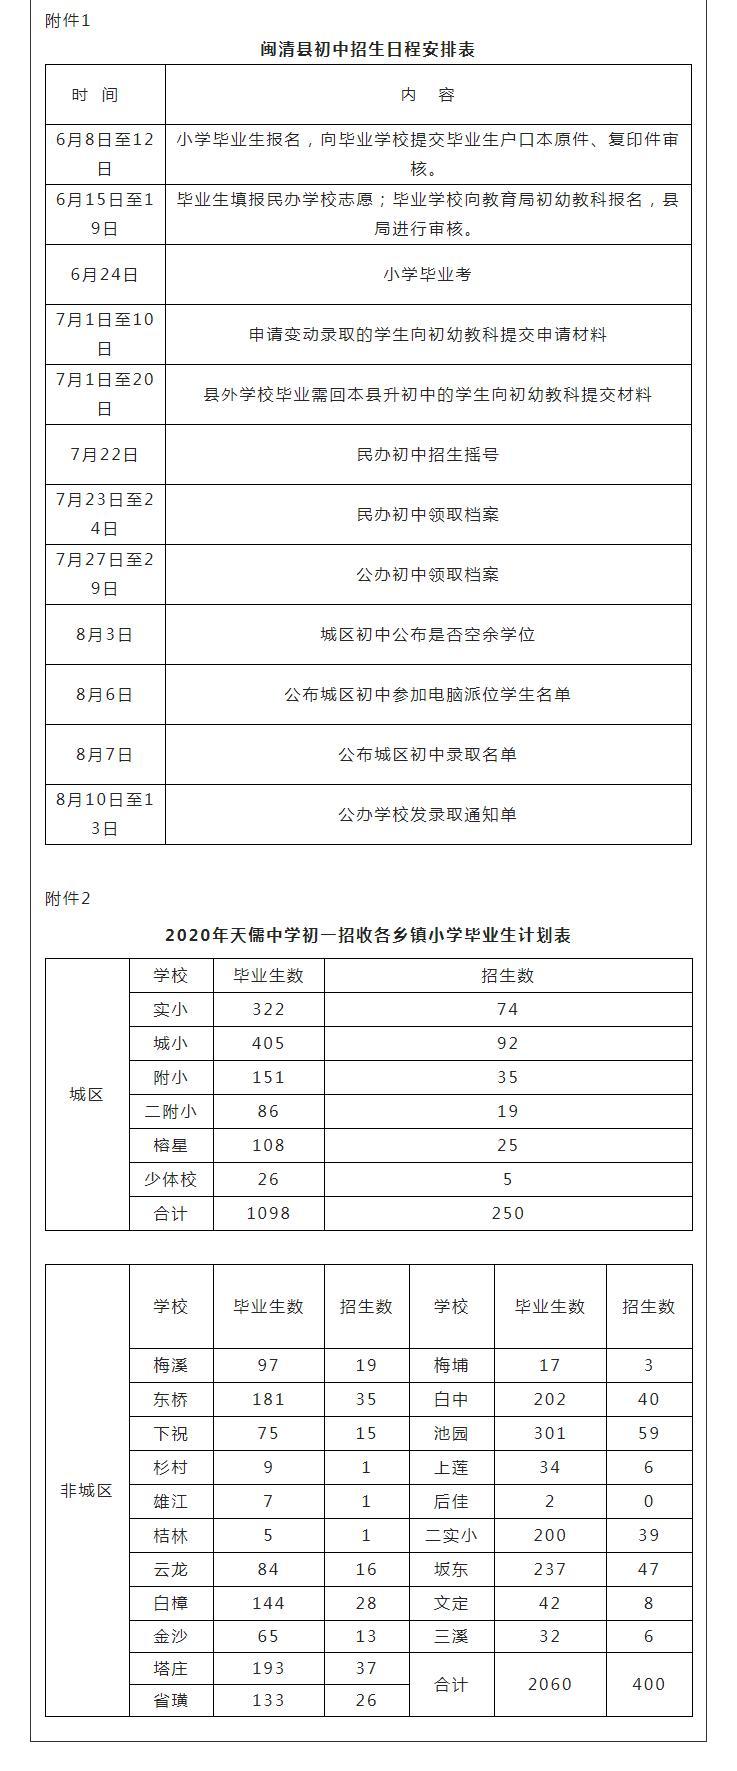 闽清县今年秋季幼儿园、小学、初中招生工作意见出炉